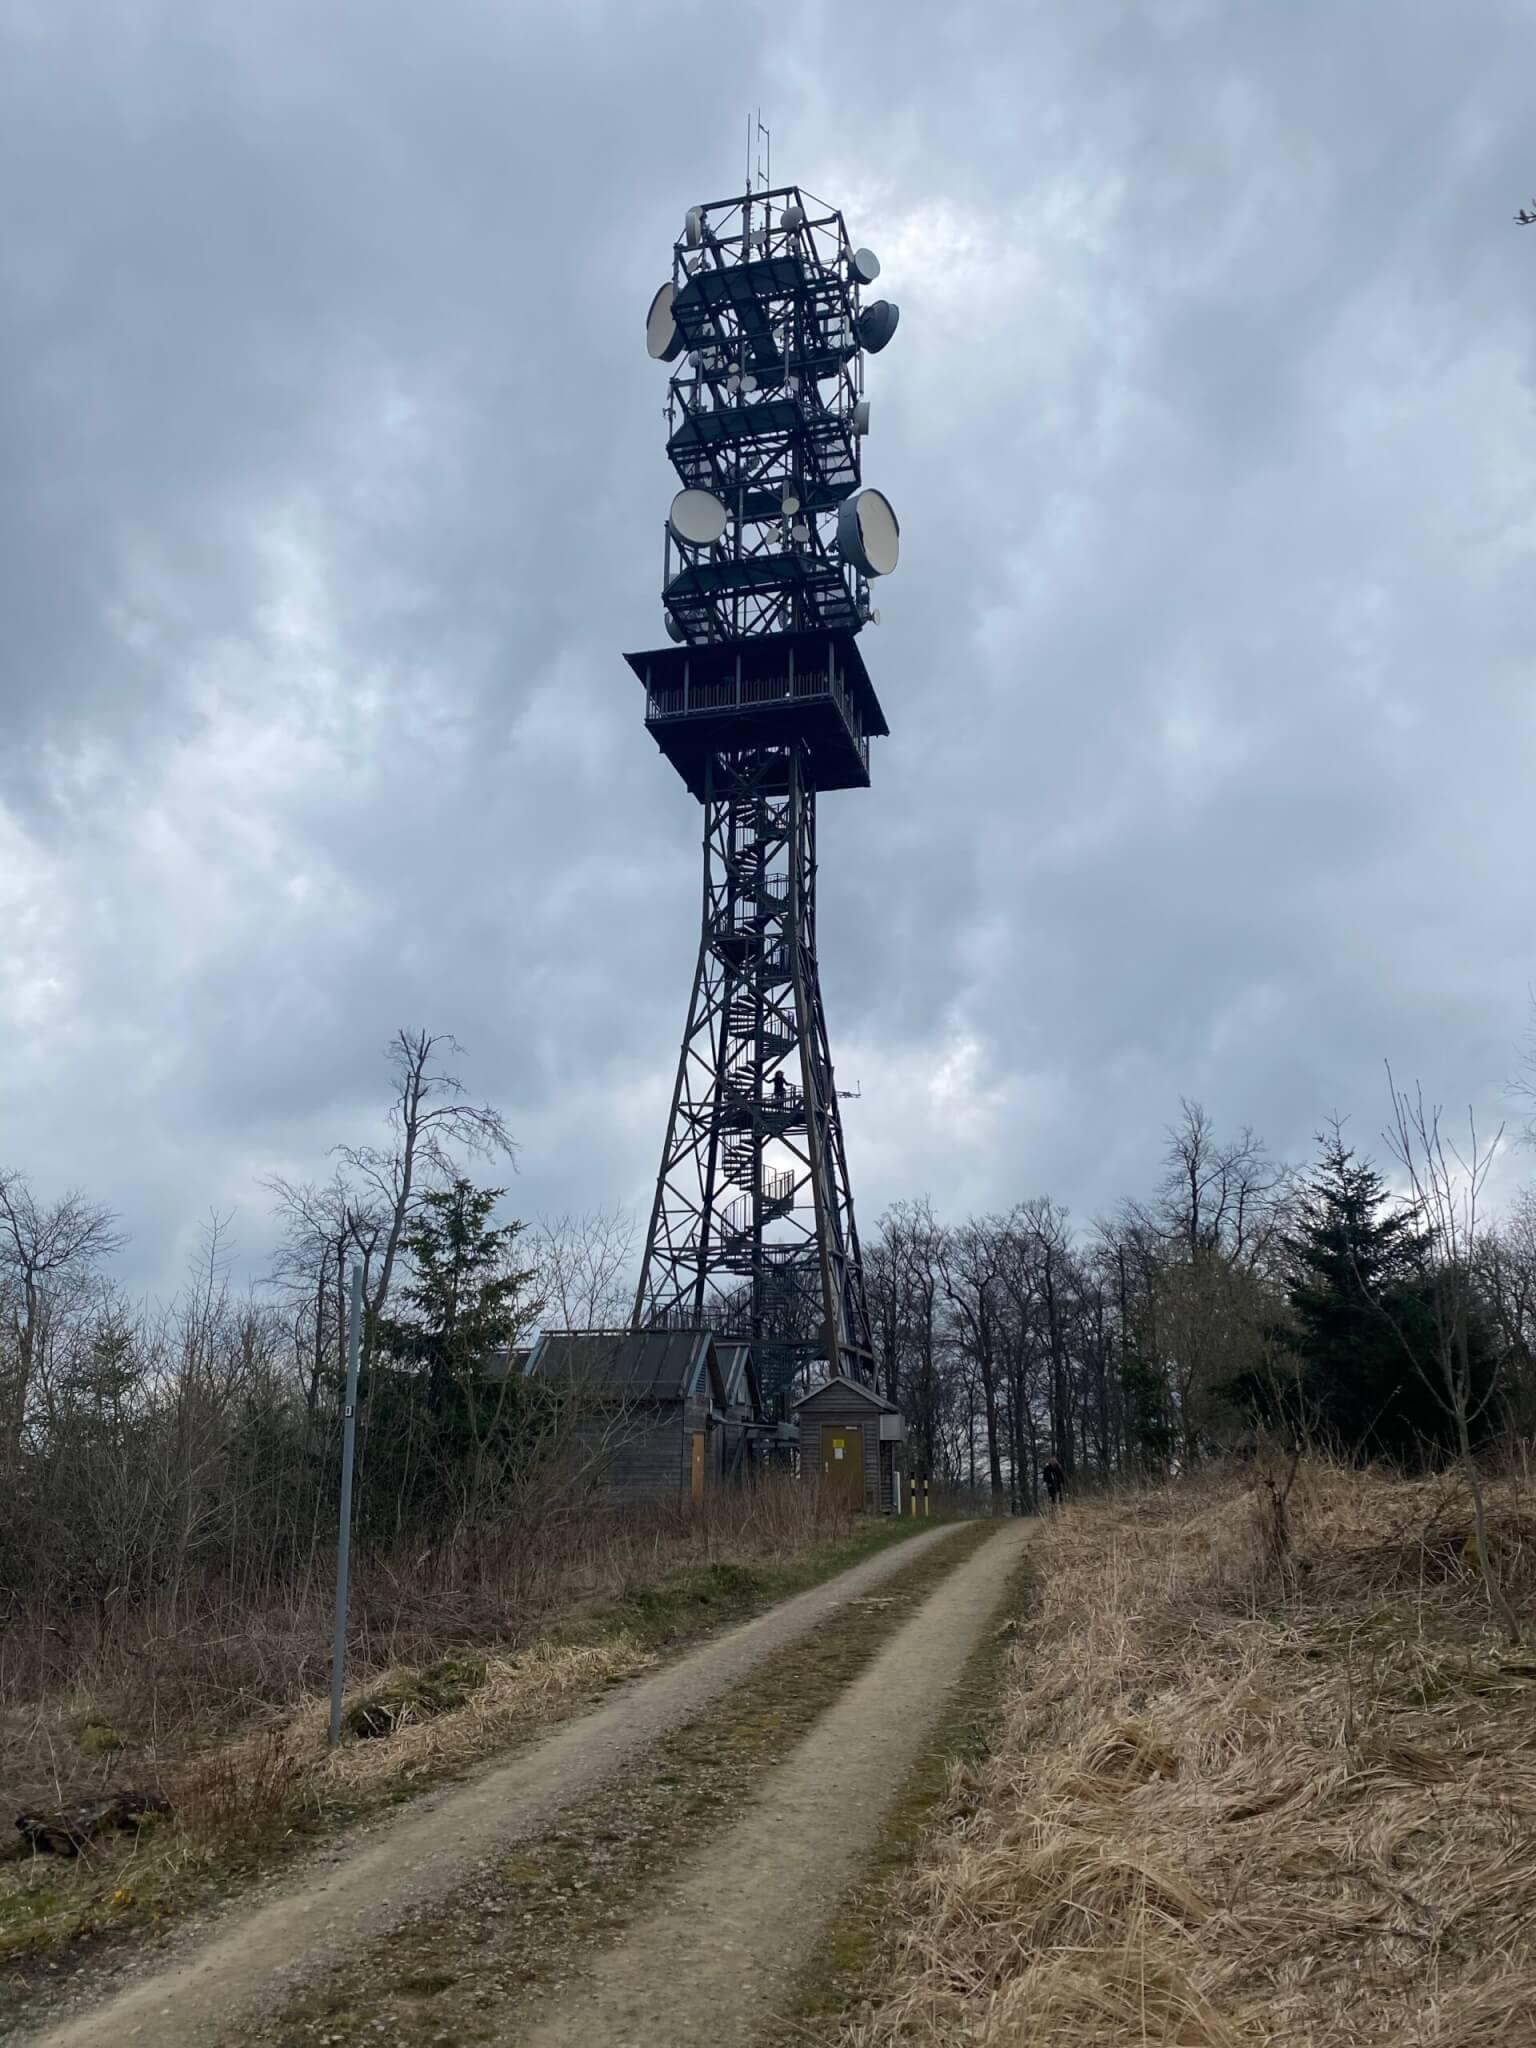 Bärenbergturm, Zierenberg